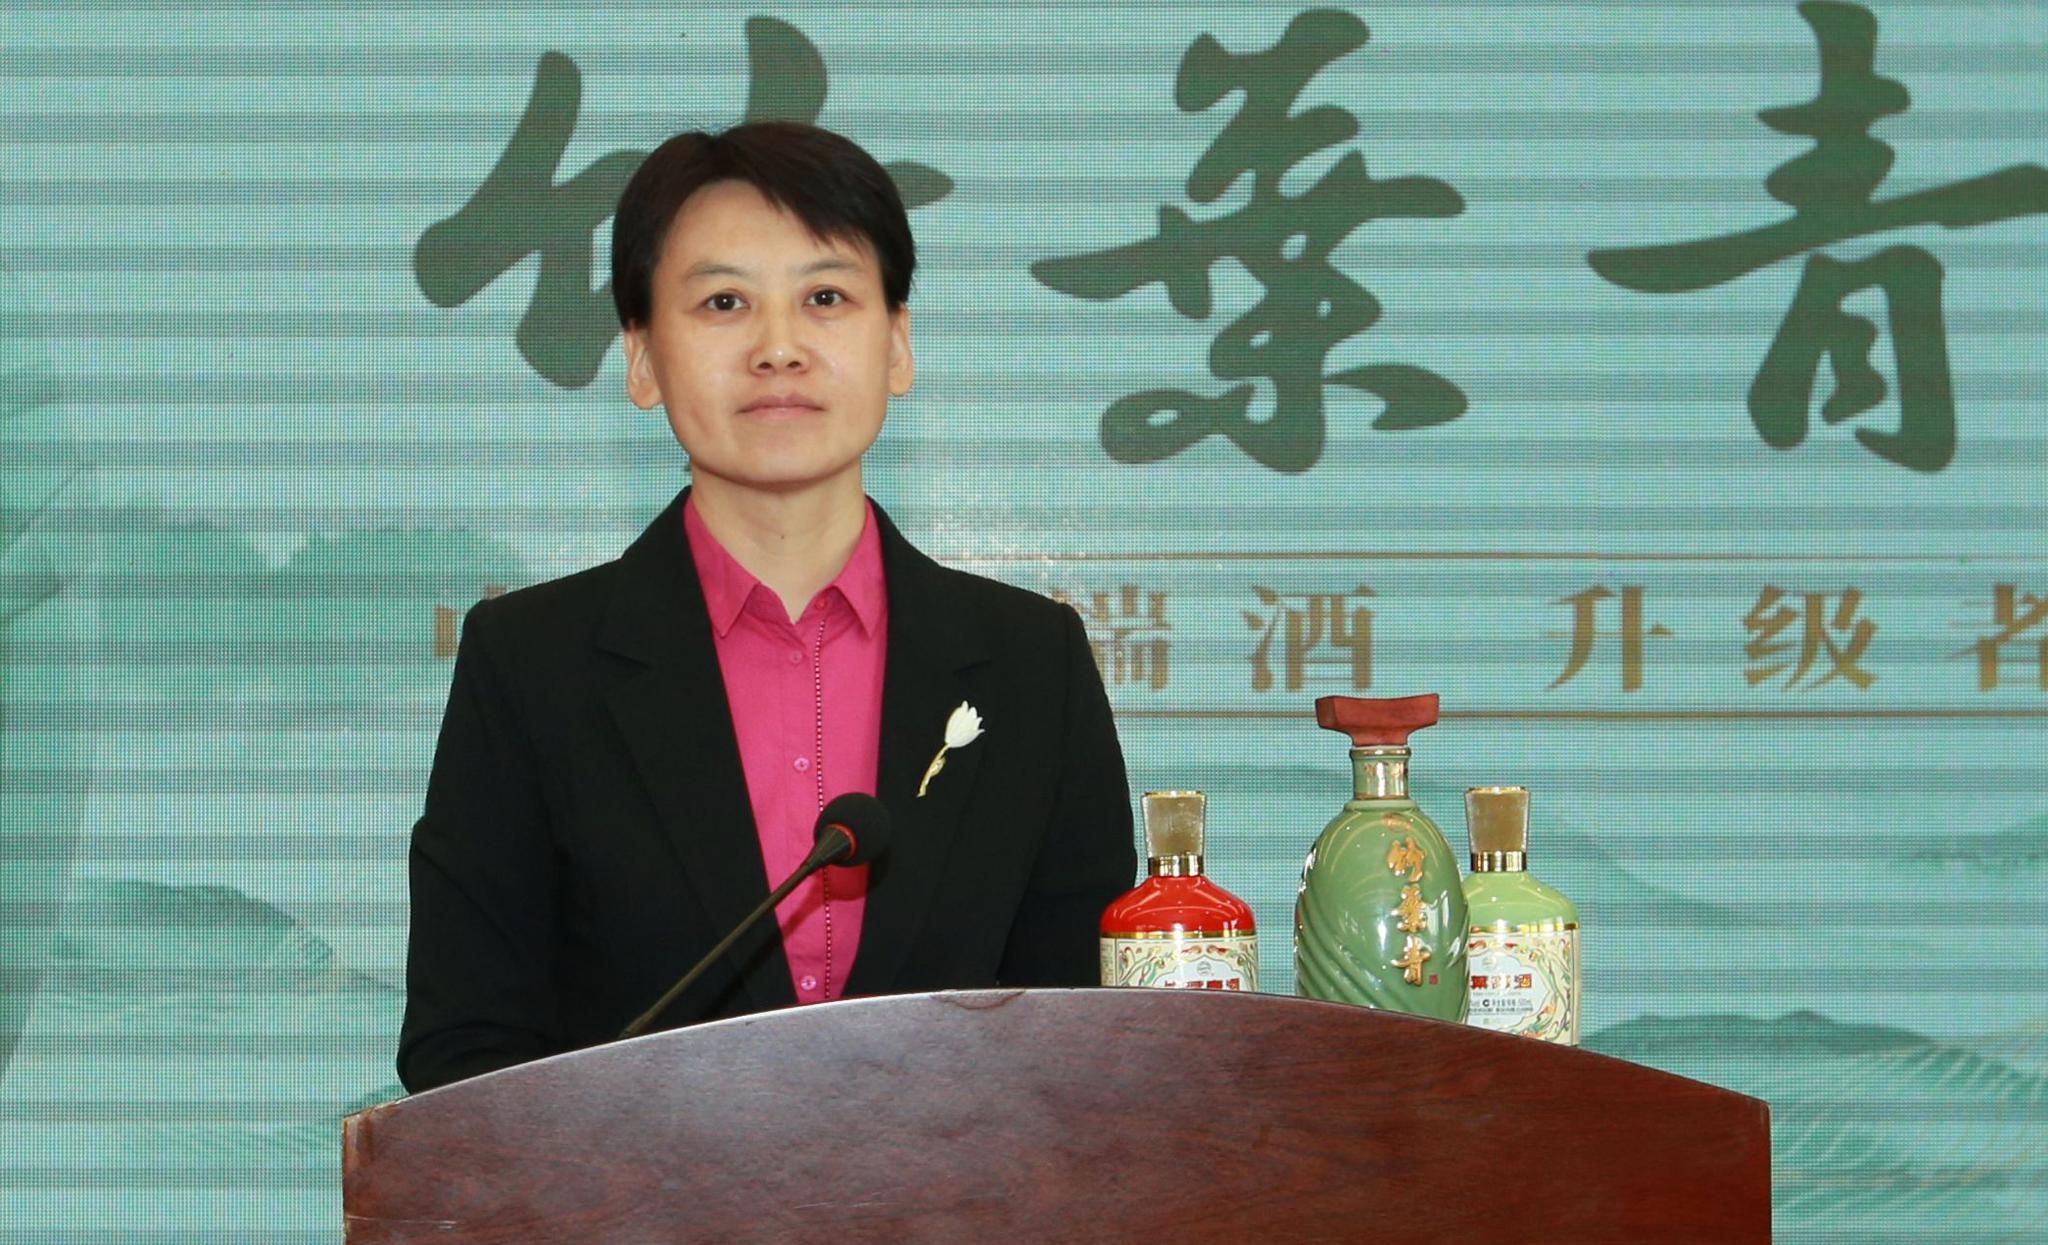 竹叶青执行董事杨波:中国酒业将加速进入健康等三个时代图片